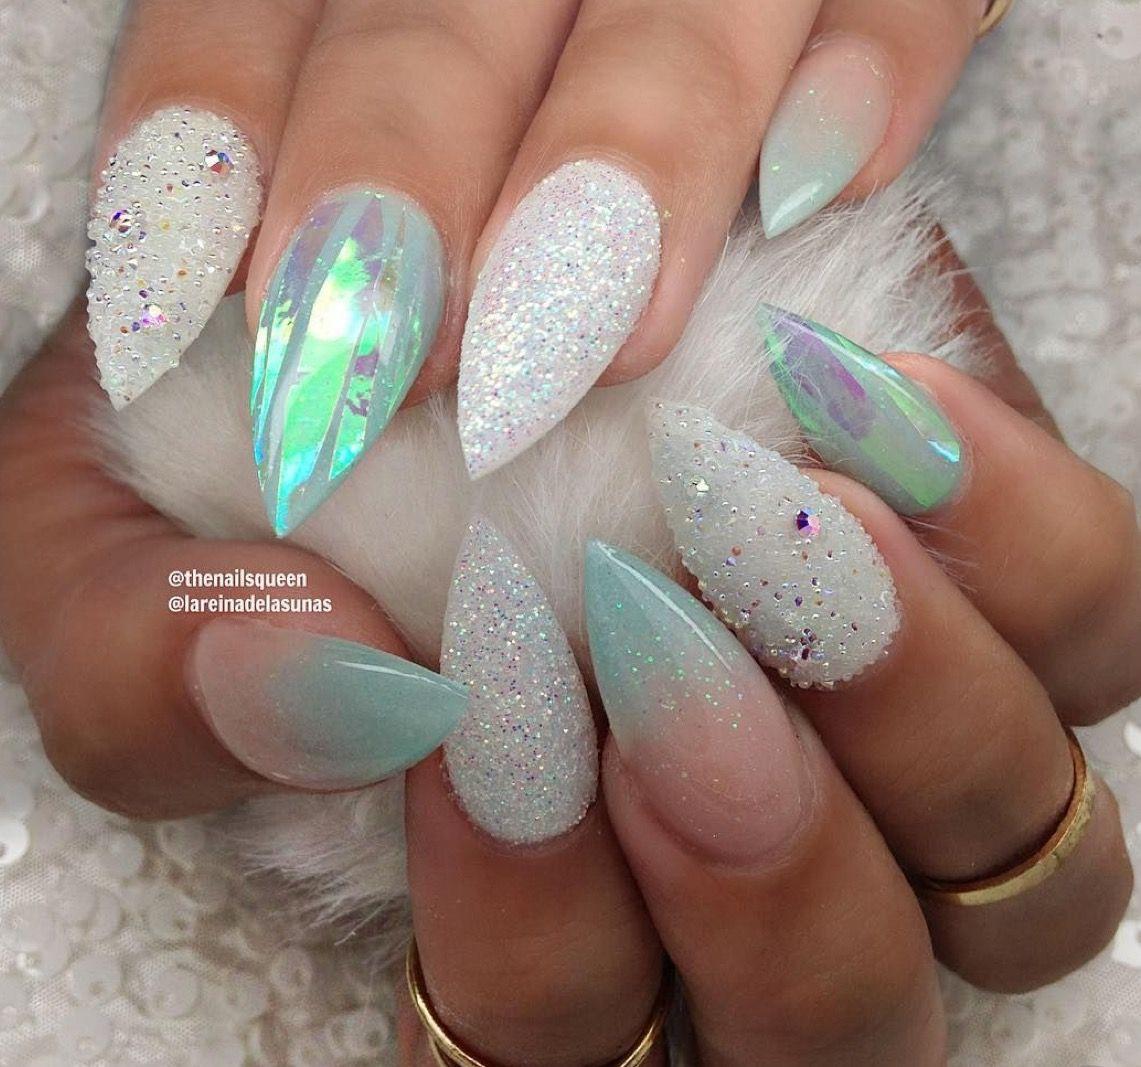 Pin by I HEART HAIR INC on Nails#PaintJob | Pinterest | Makeup, Nail ...